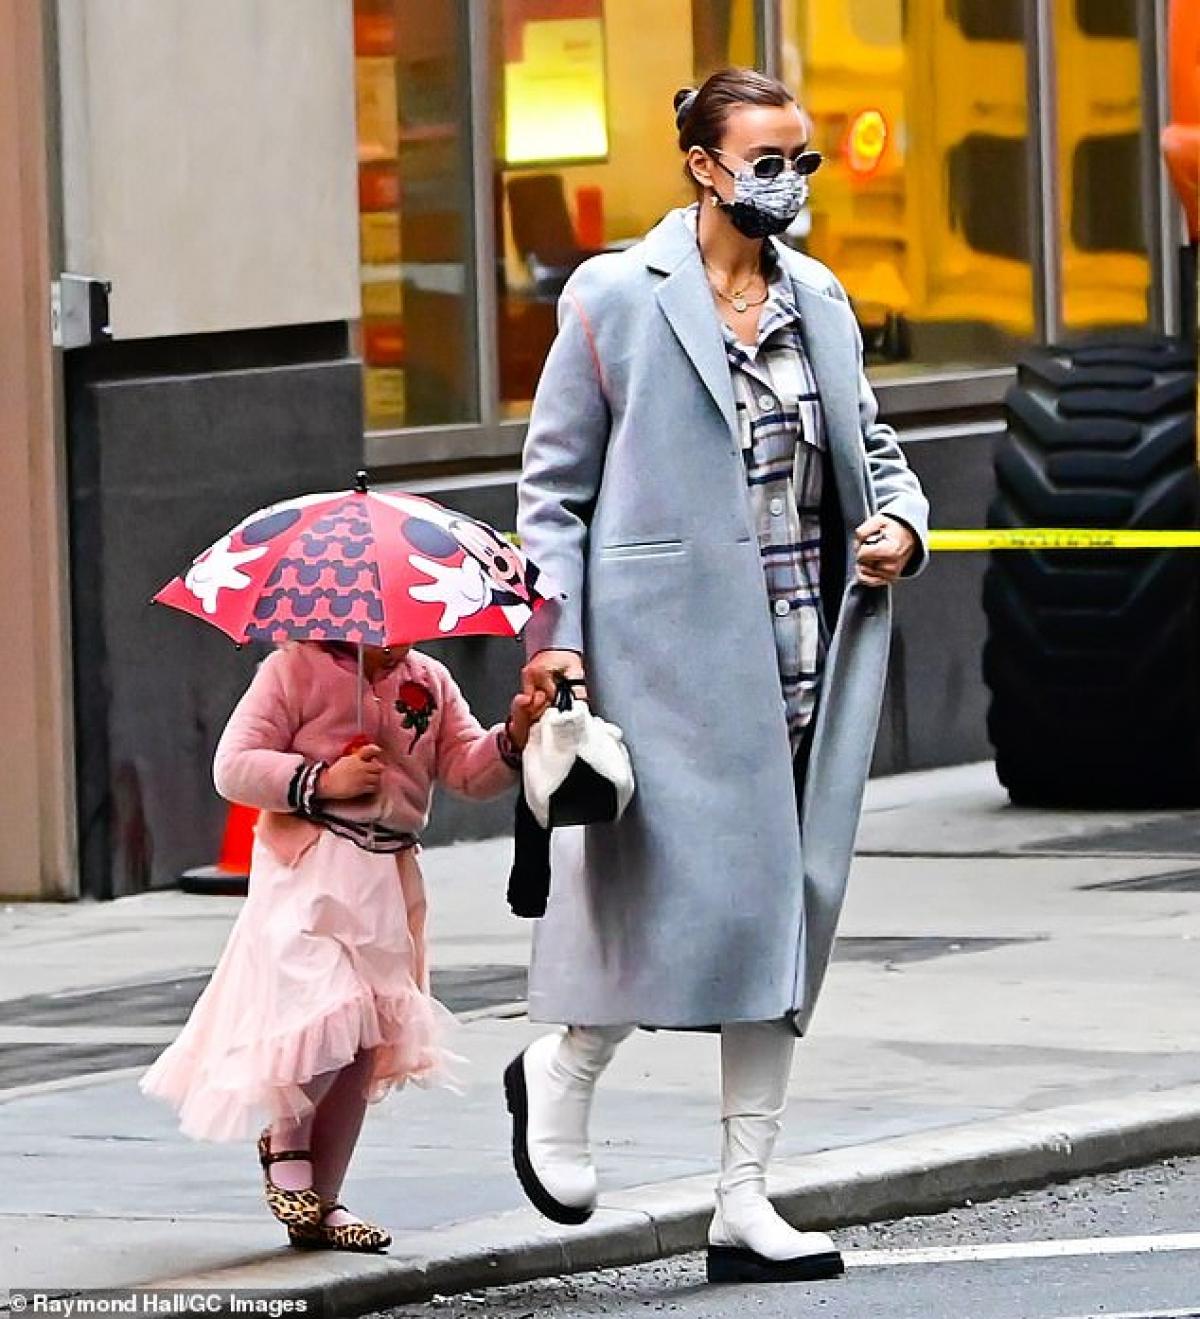 Siêu mẫu Nga diện áo khoác dáng dài và mang boots khỏe khoắn. Bé Lea diện trang phục màu hồng dễ thương.